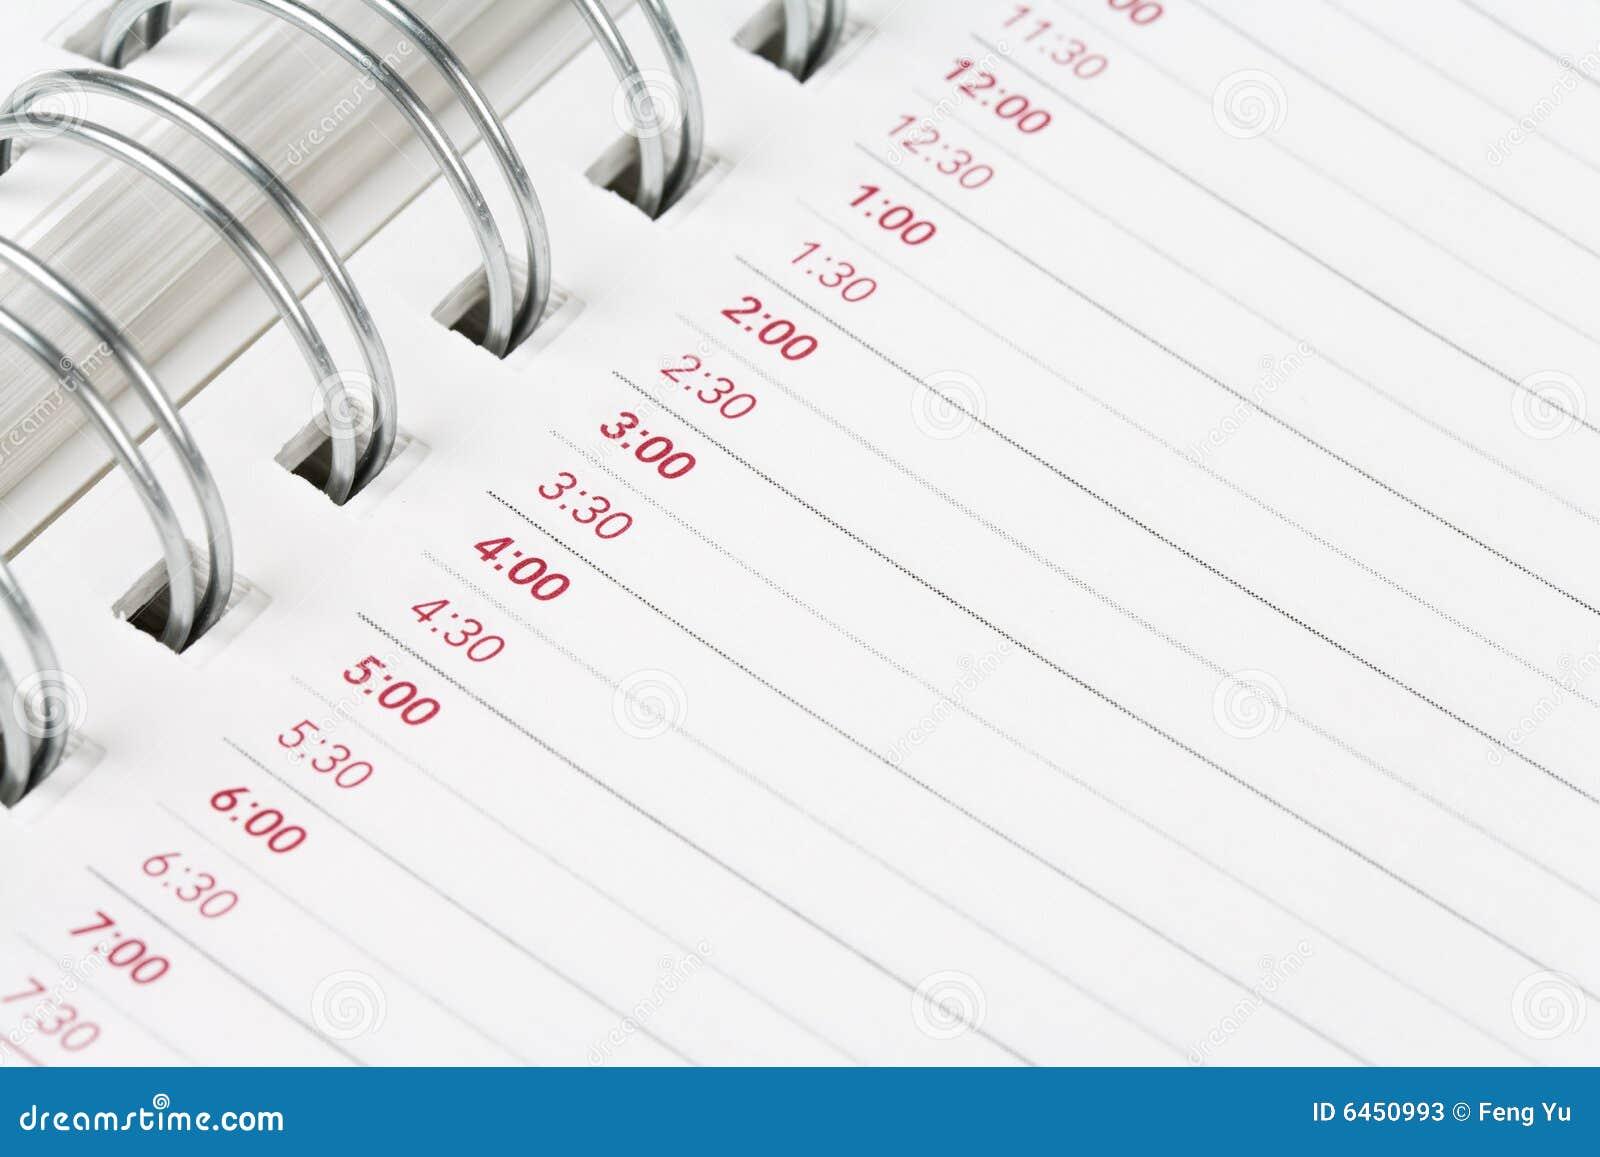 Porządek dzienny kalendarz